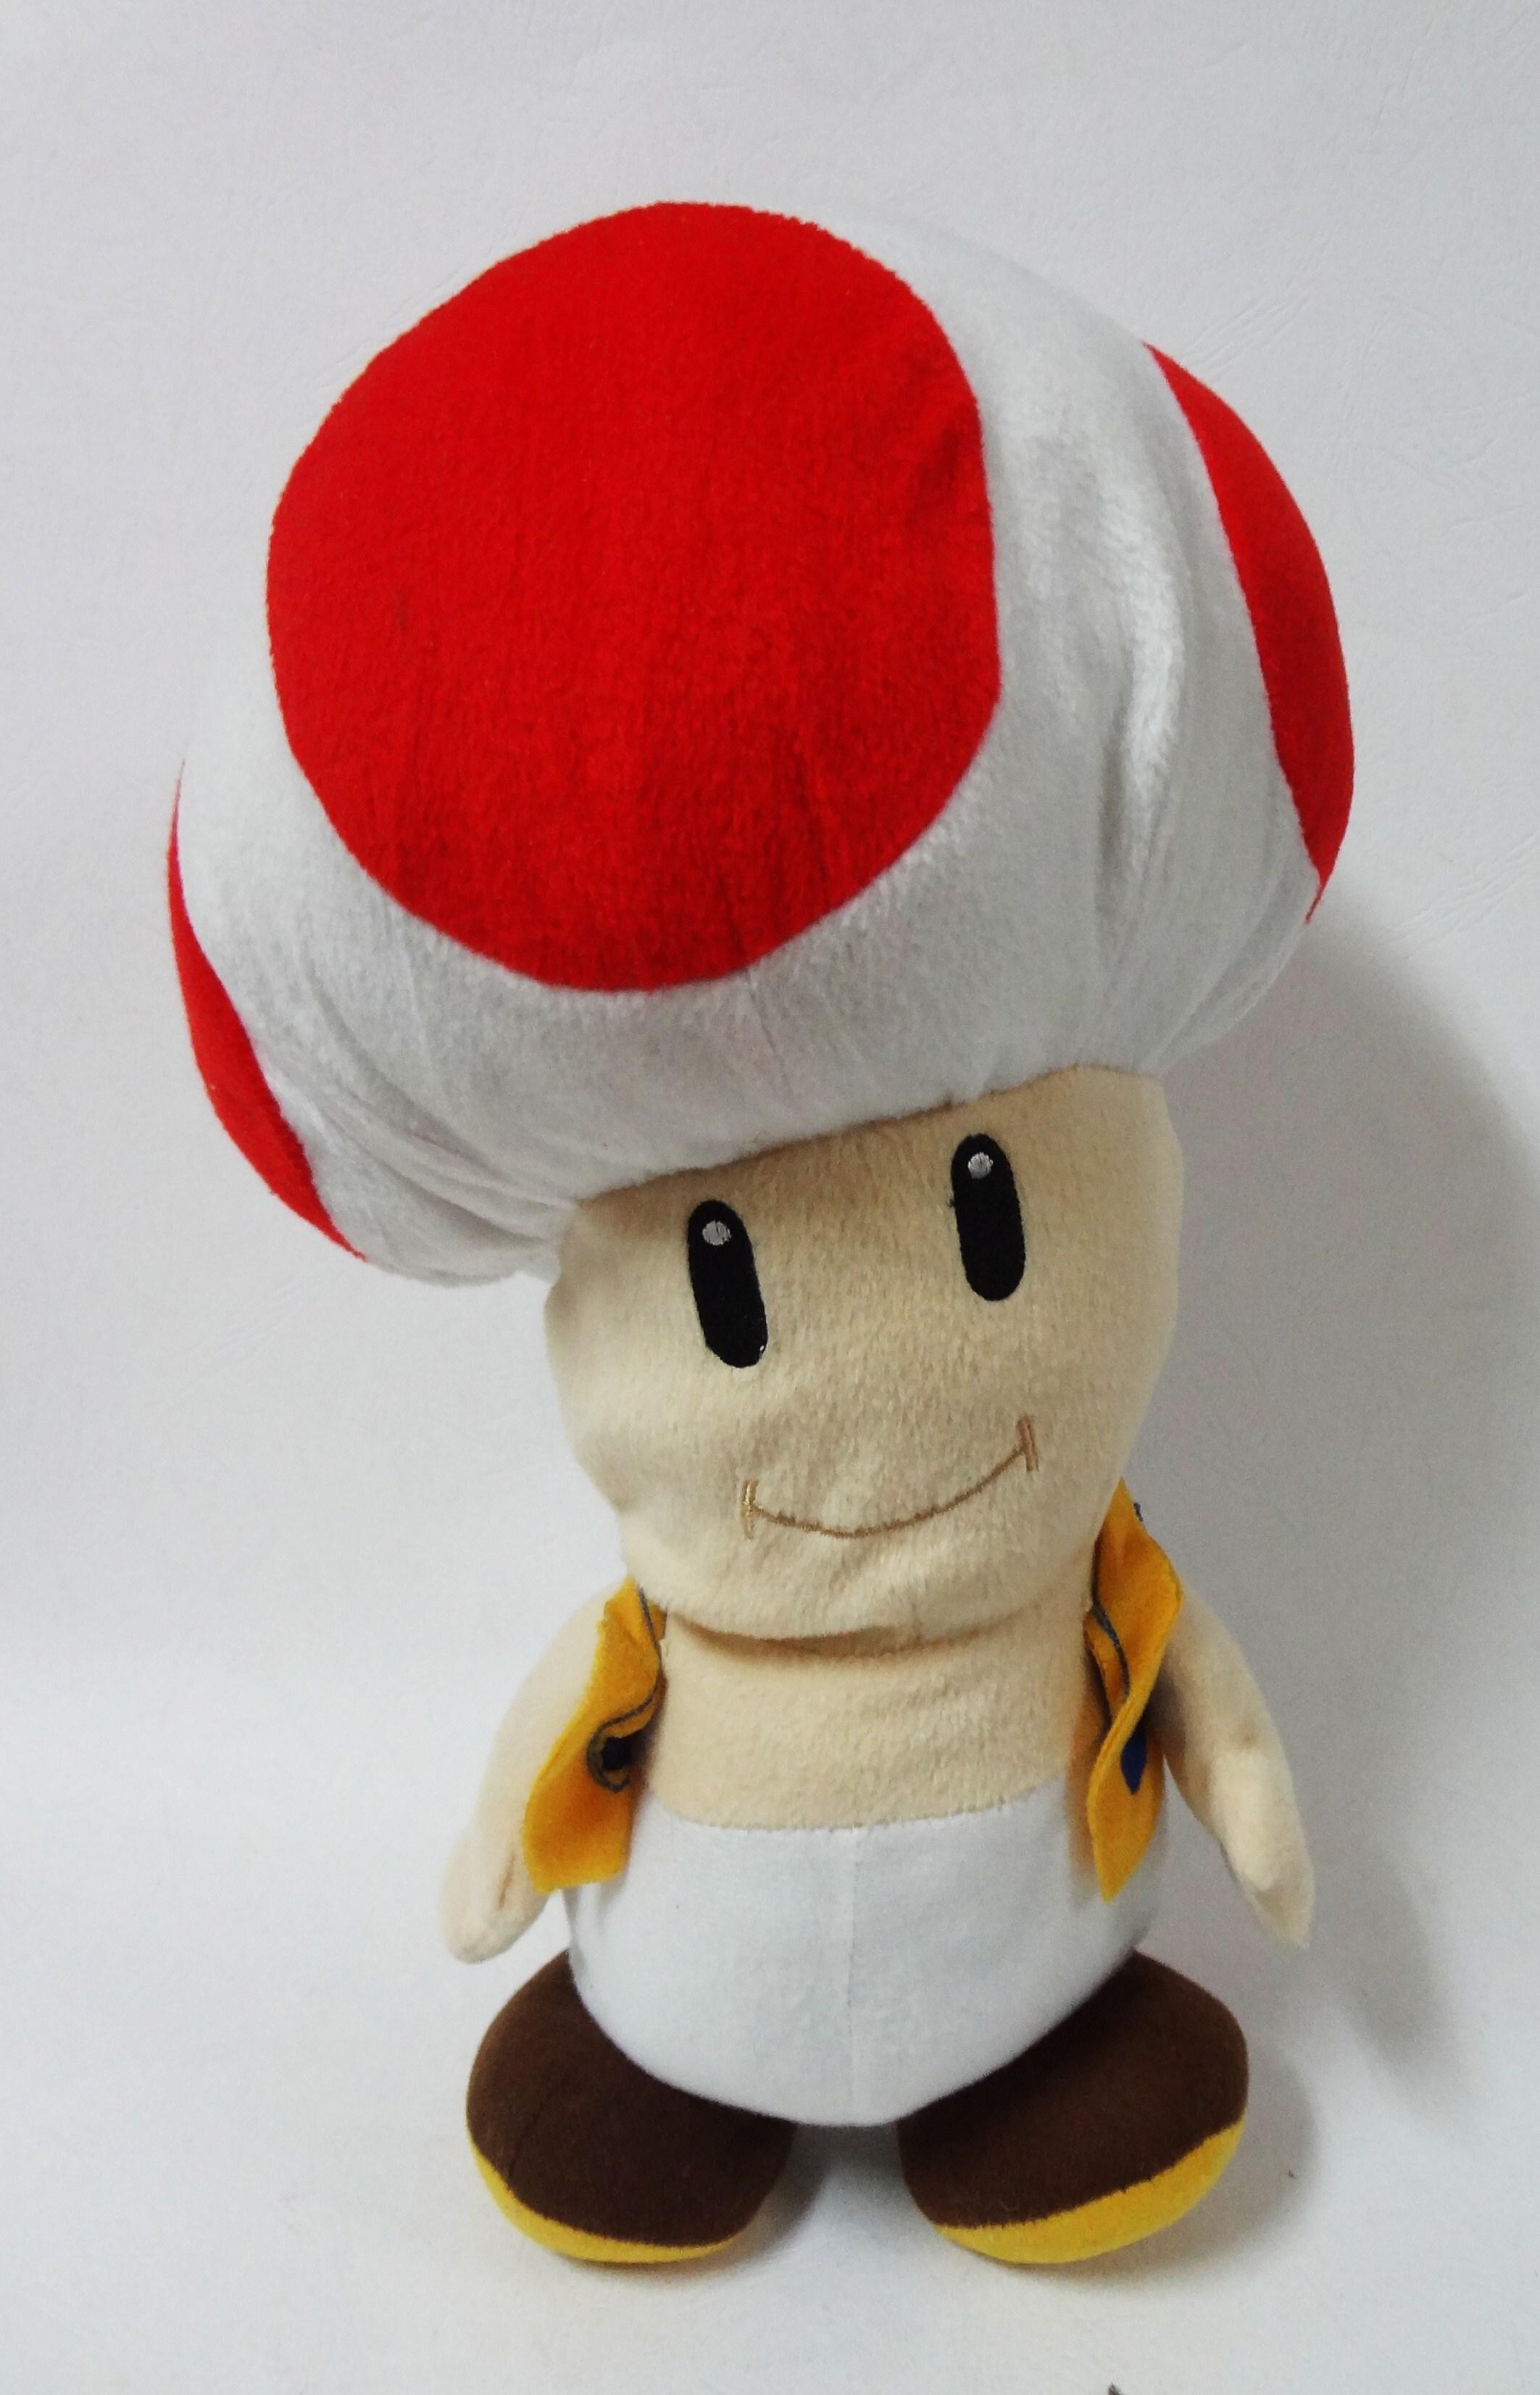 ตุ๊กตาเห็ด Mario